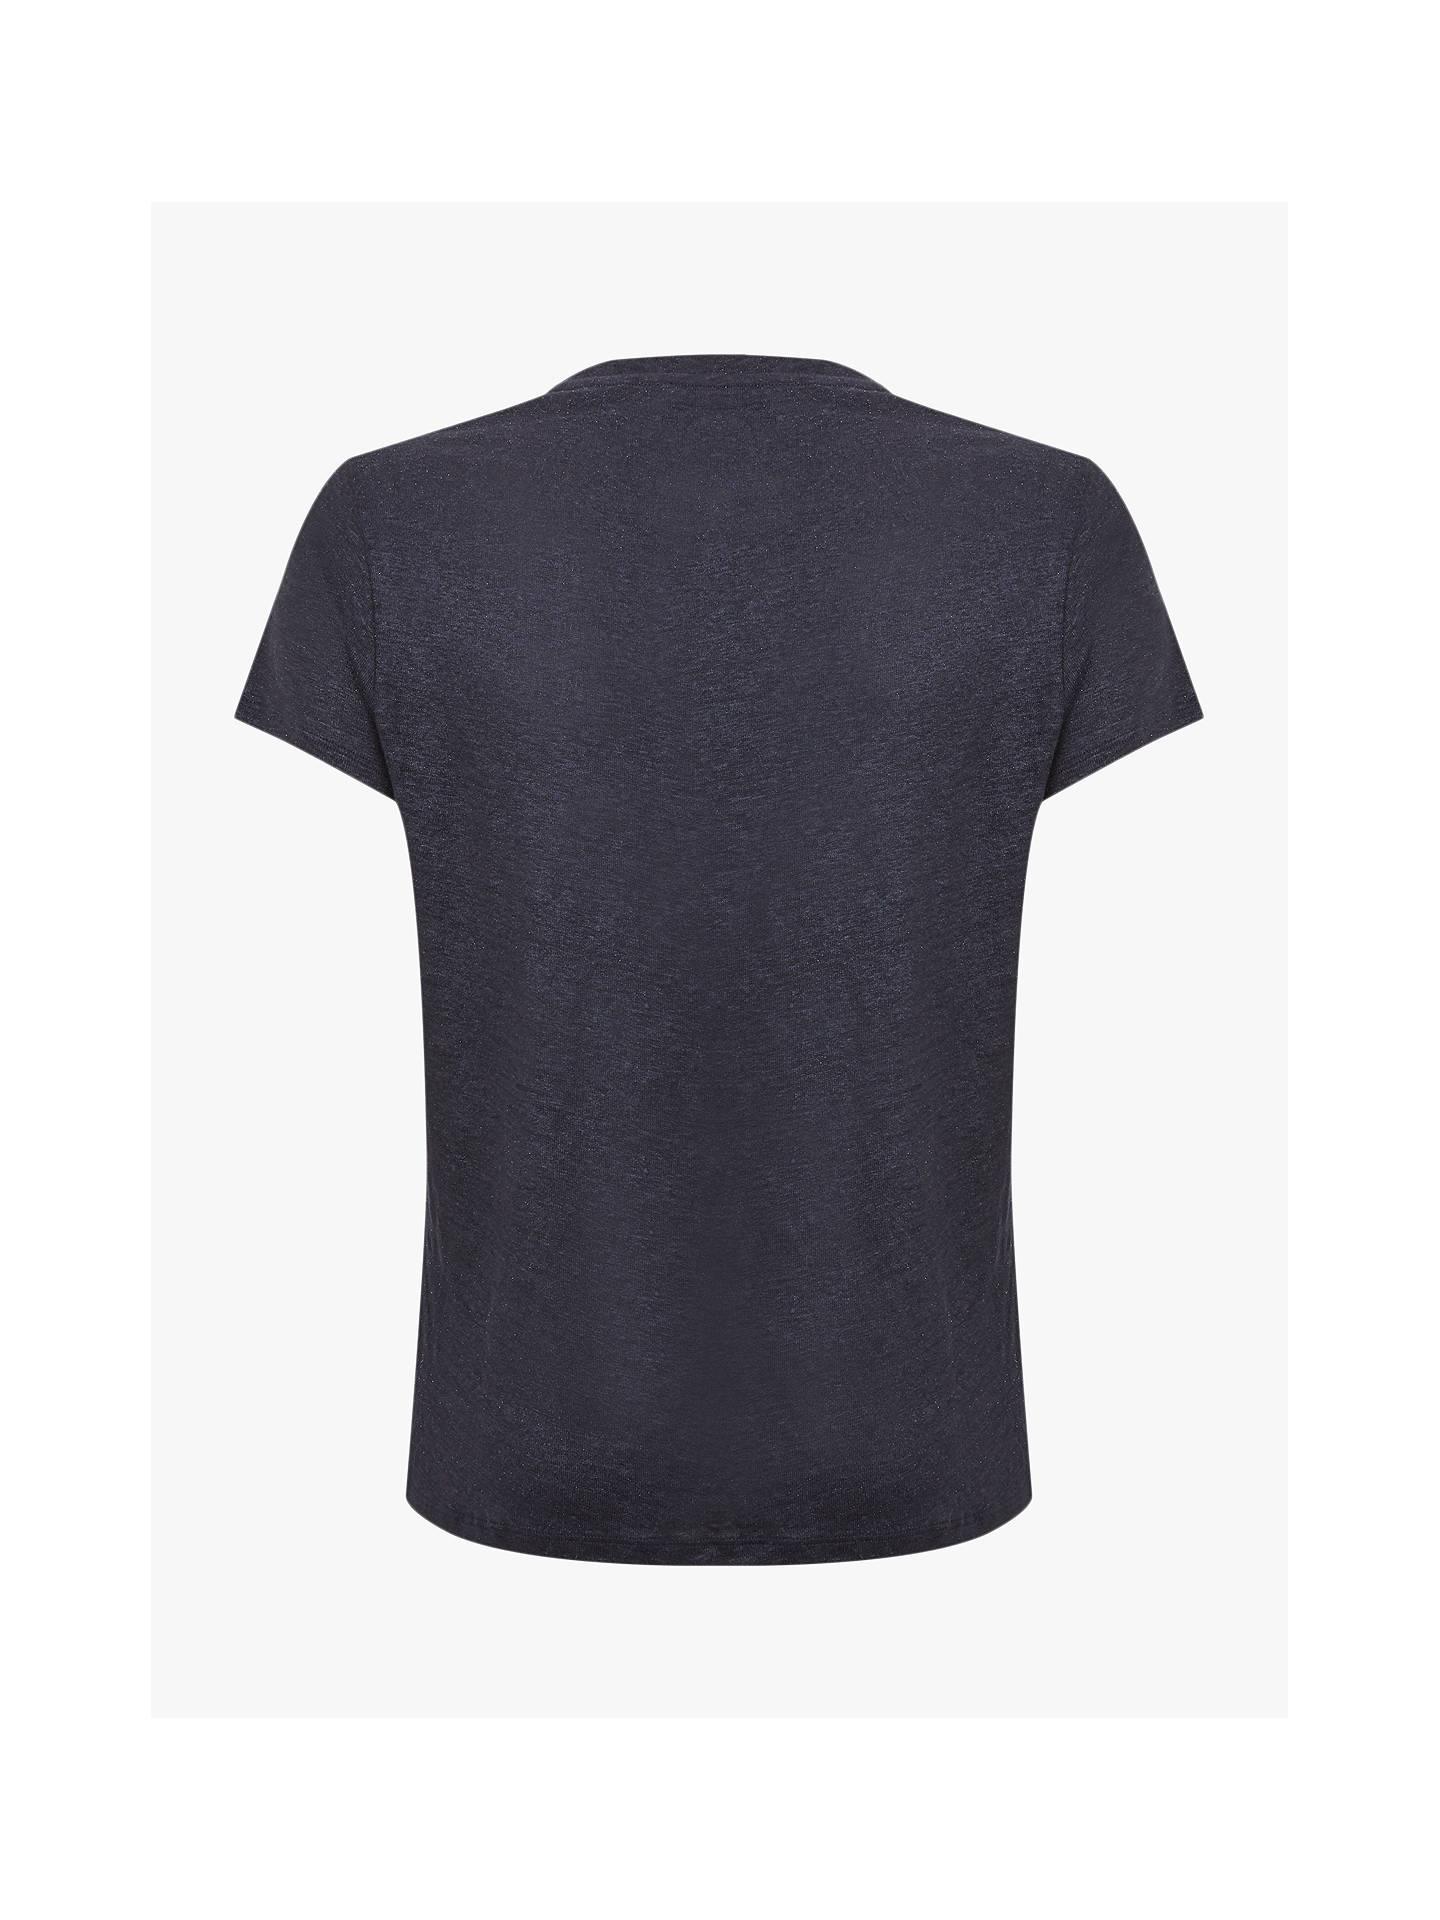 75b590dcdc84 ... Buy Mint Velvet Shimmer V-Neck T-Shirt, Dark Blue, S Online